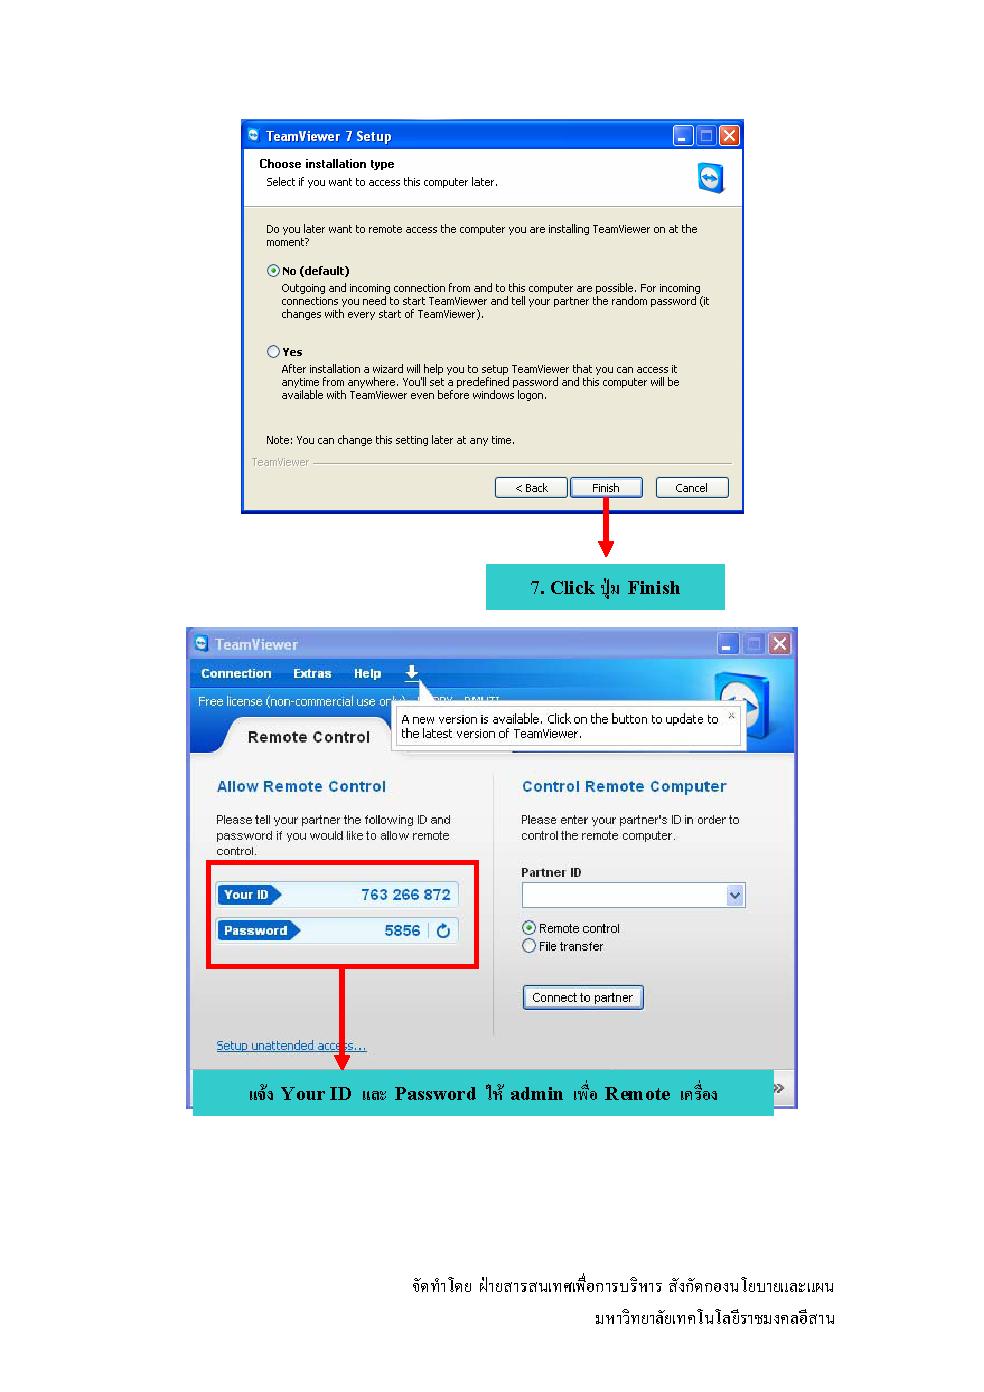 TeamViewer_Page_3